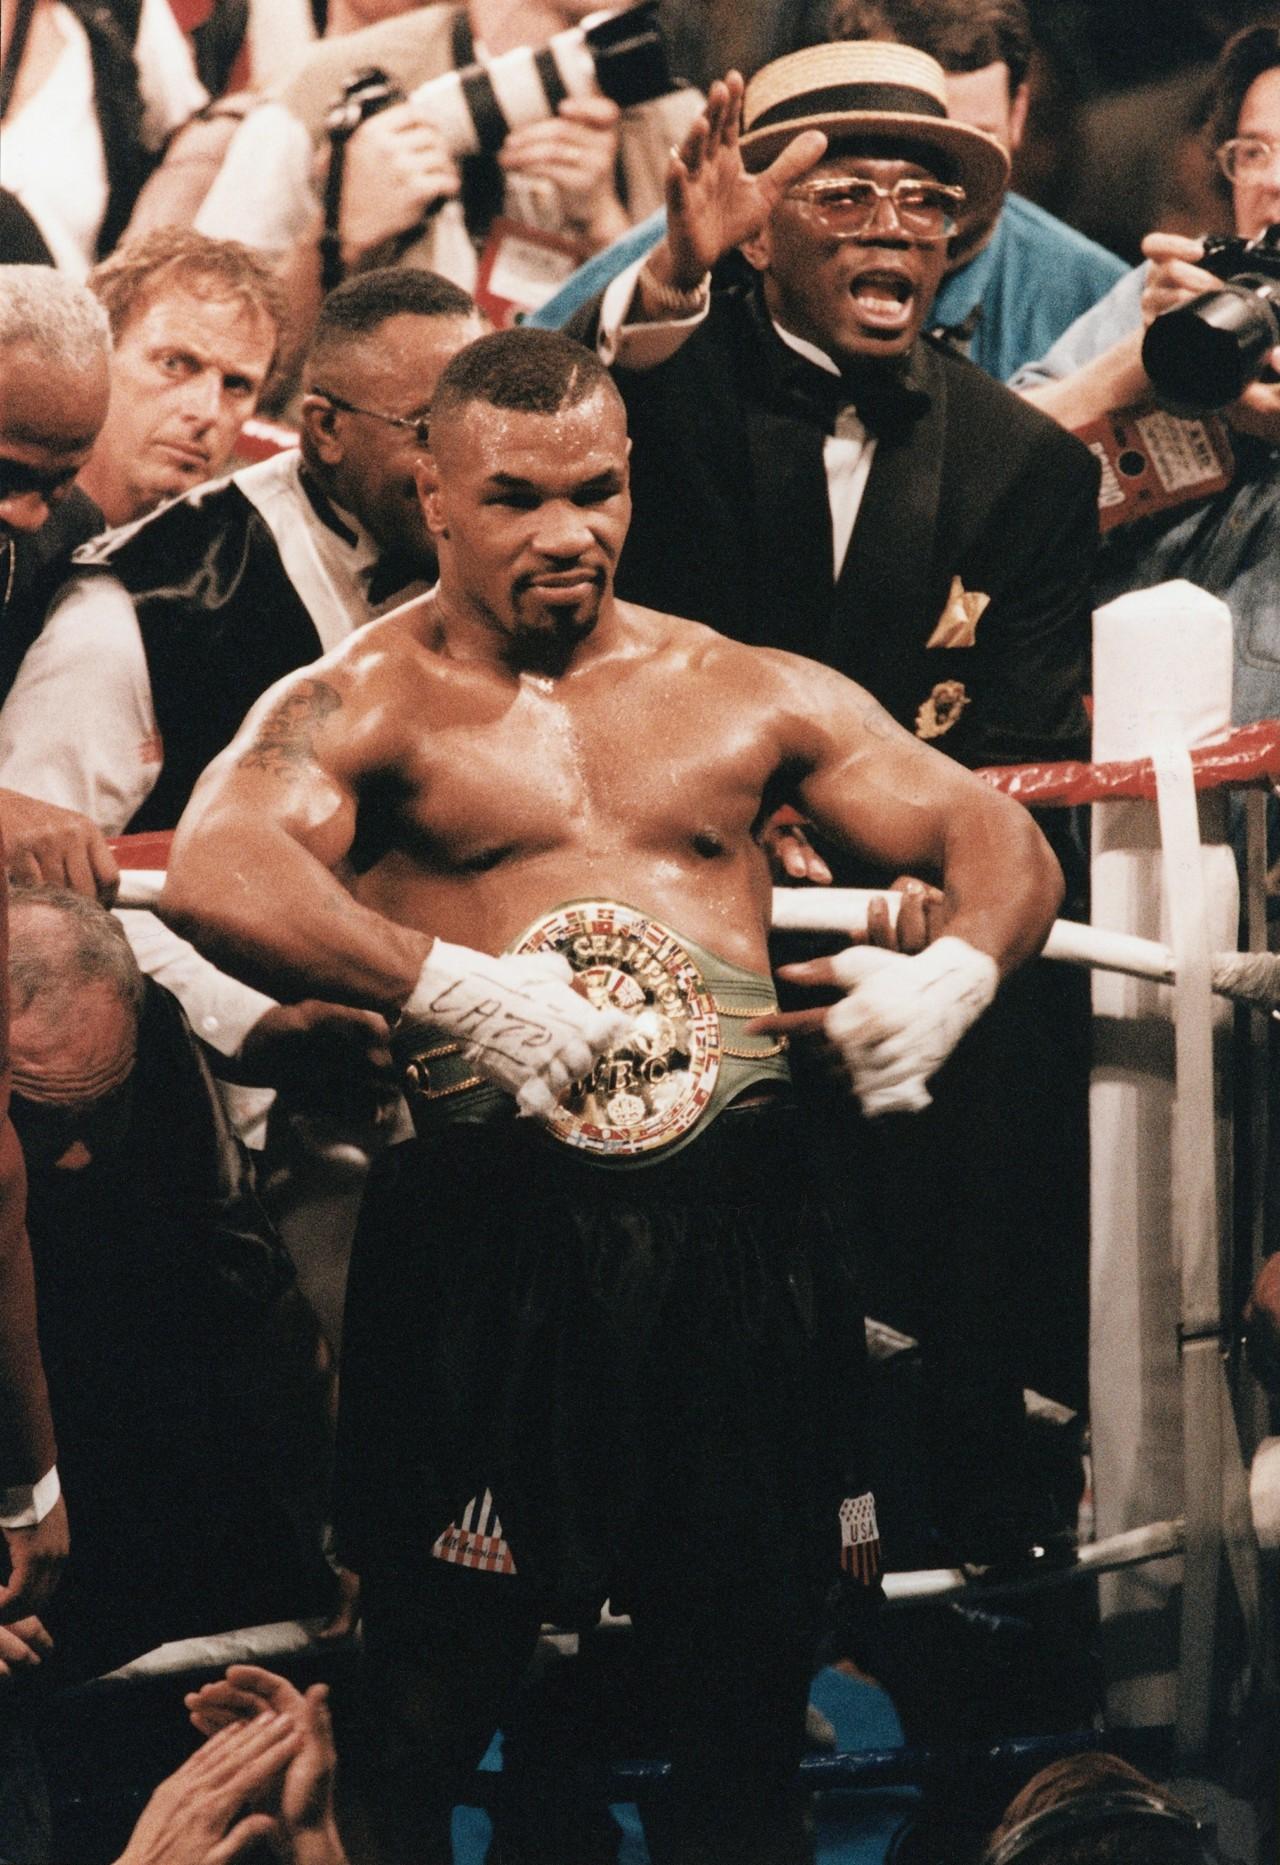 Mike Tyson com o cinturão de campeão após bater Frank Bruno - Bernd Wende/ullstein bild via Getty Images